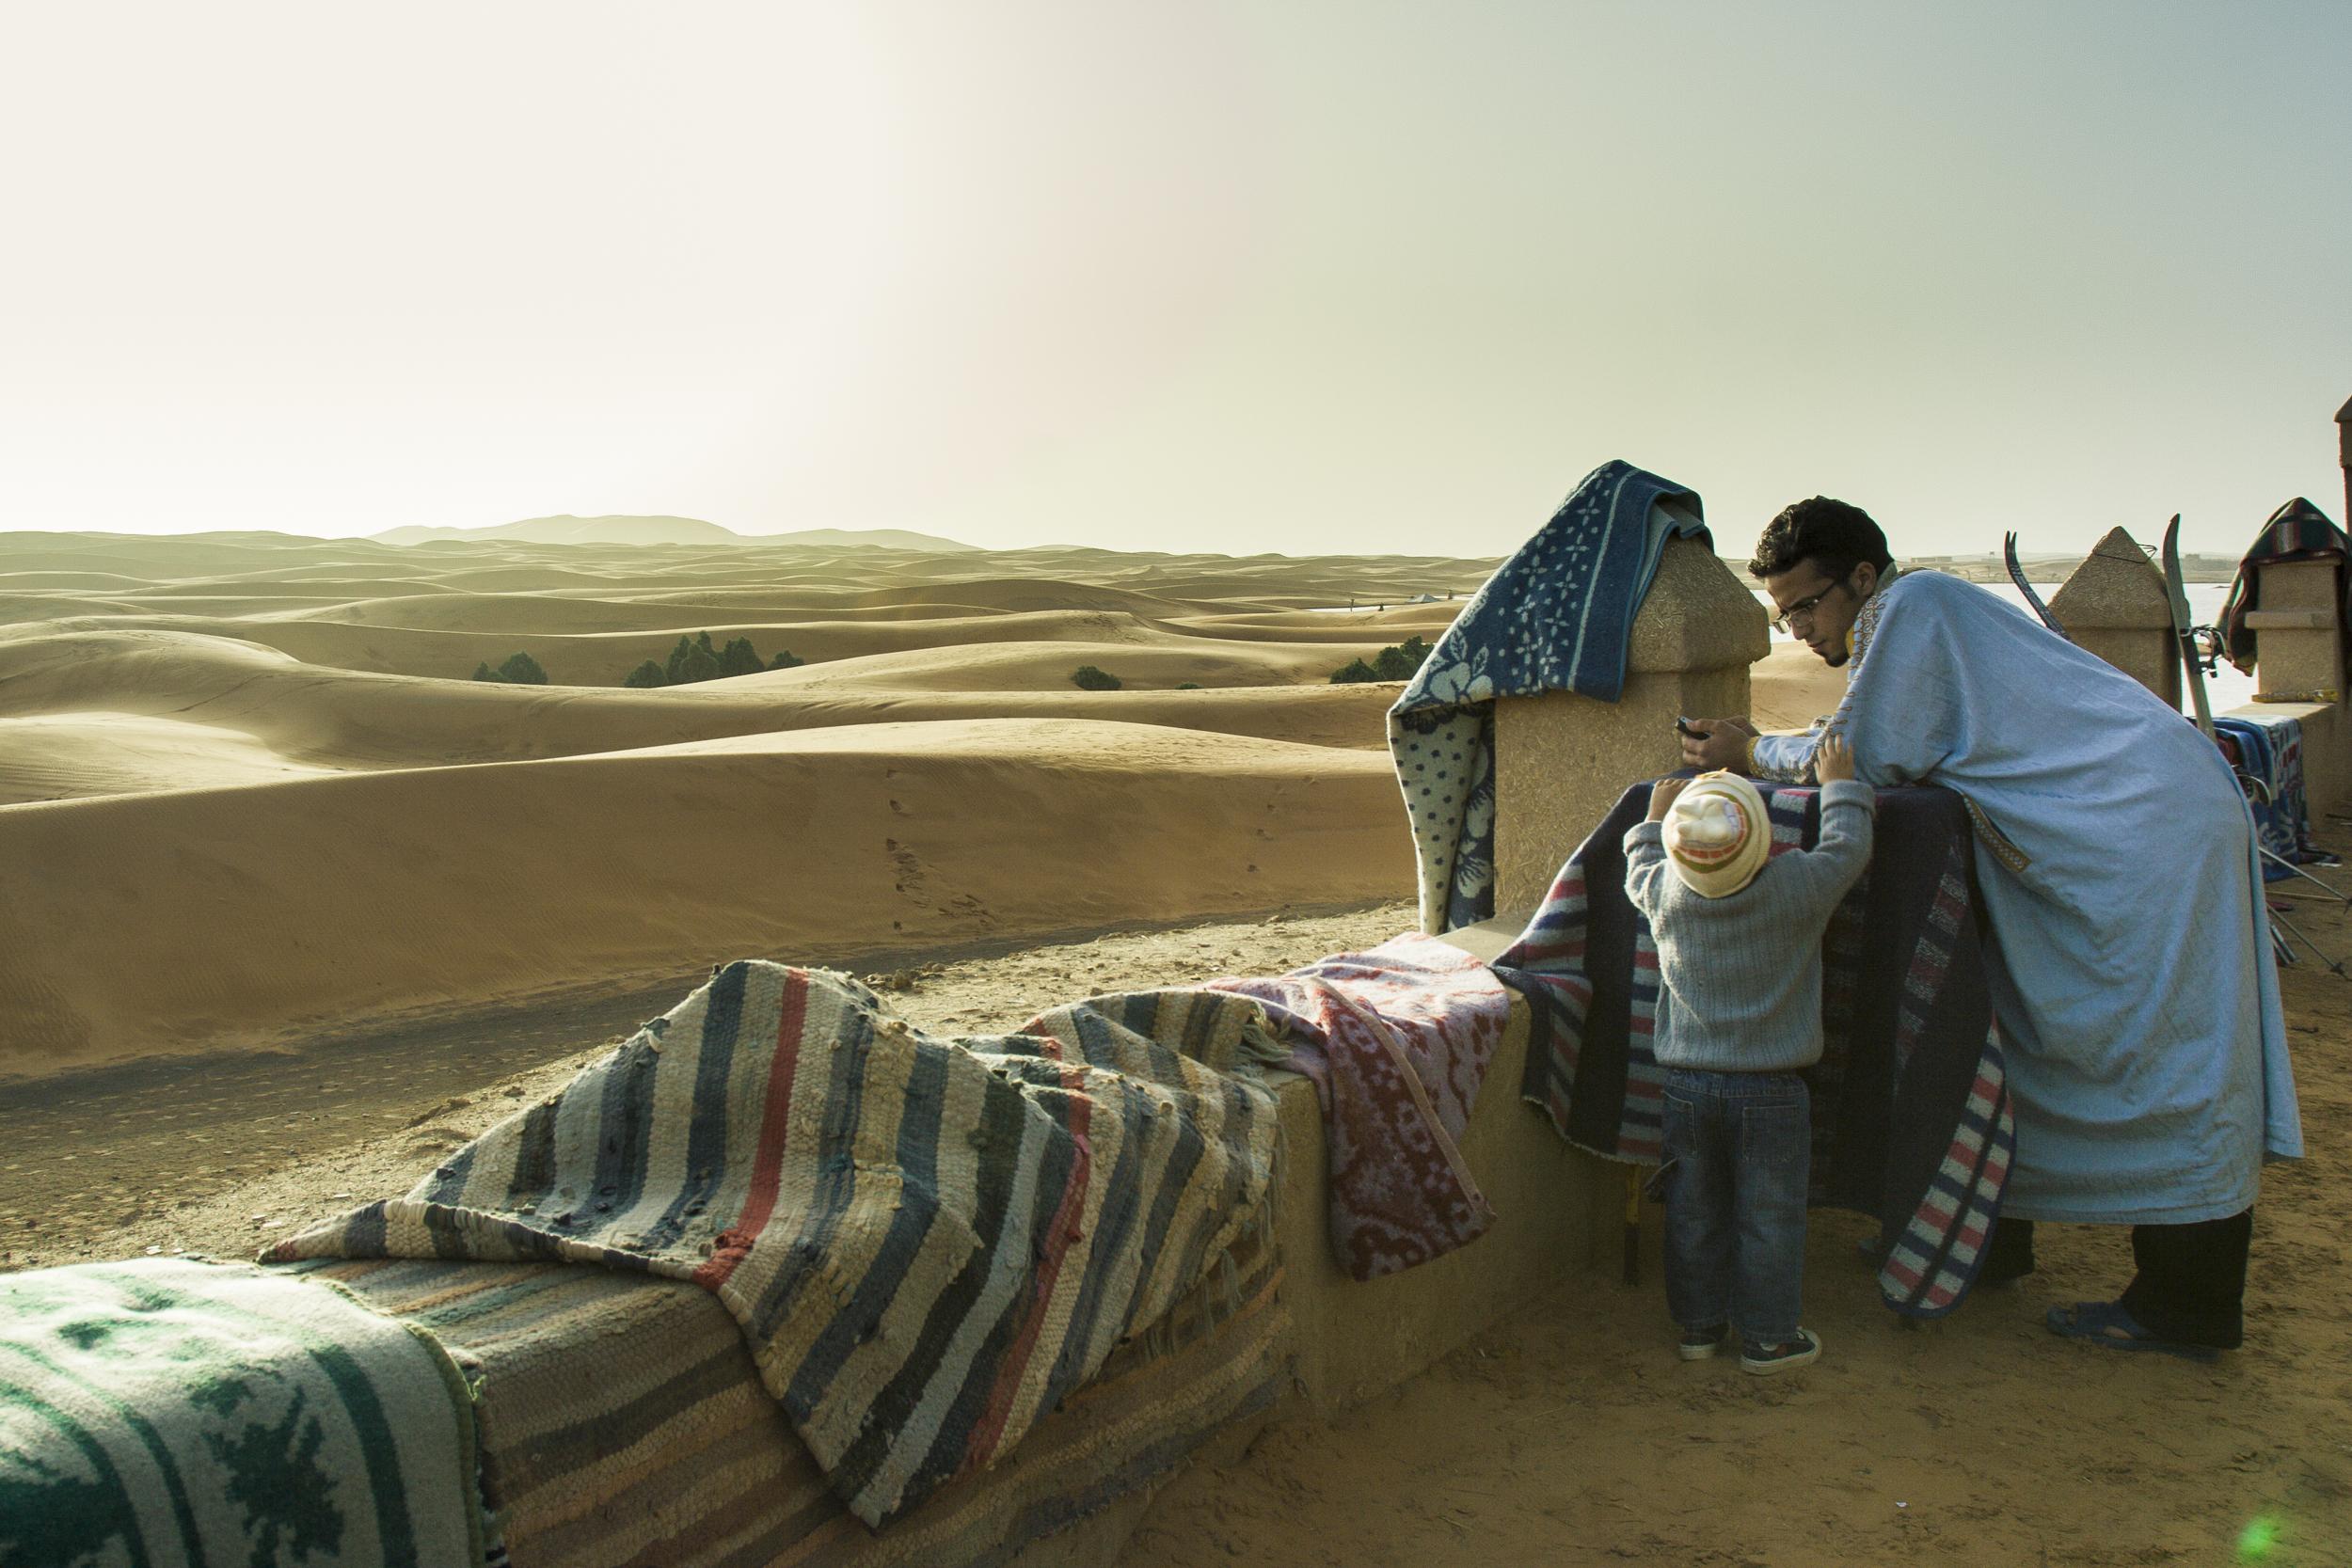 Vikk_Shayen_portfolio_Maroc-nov2008-0082.jpg